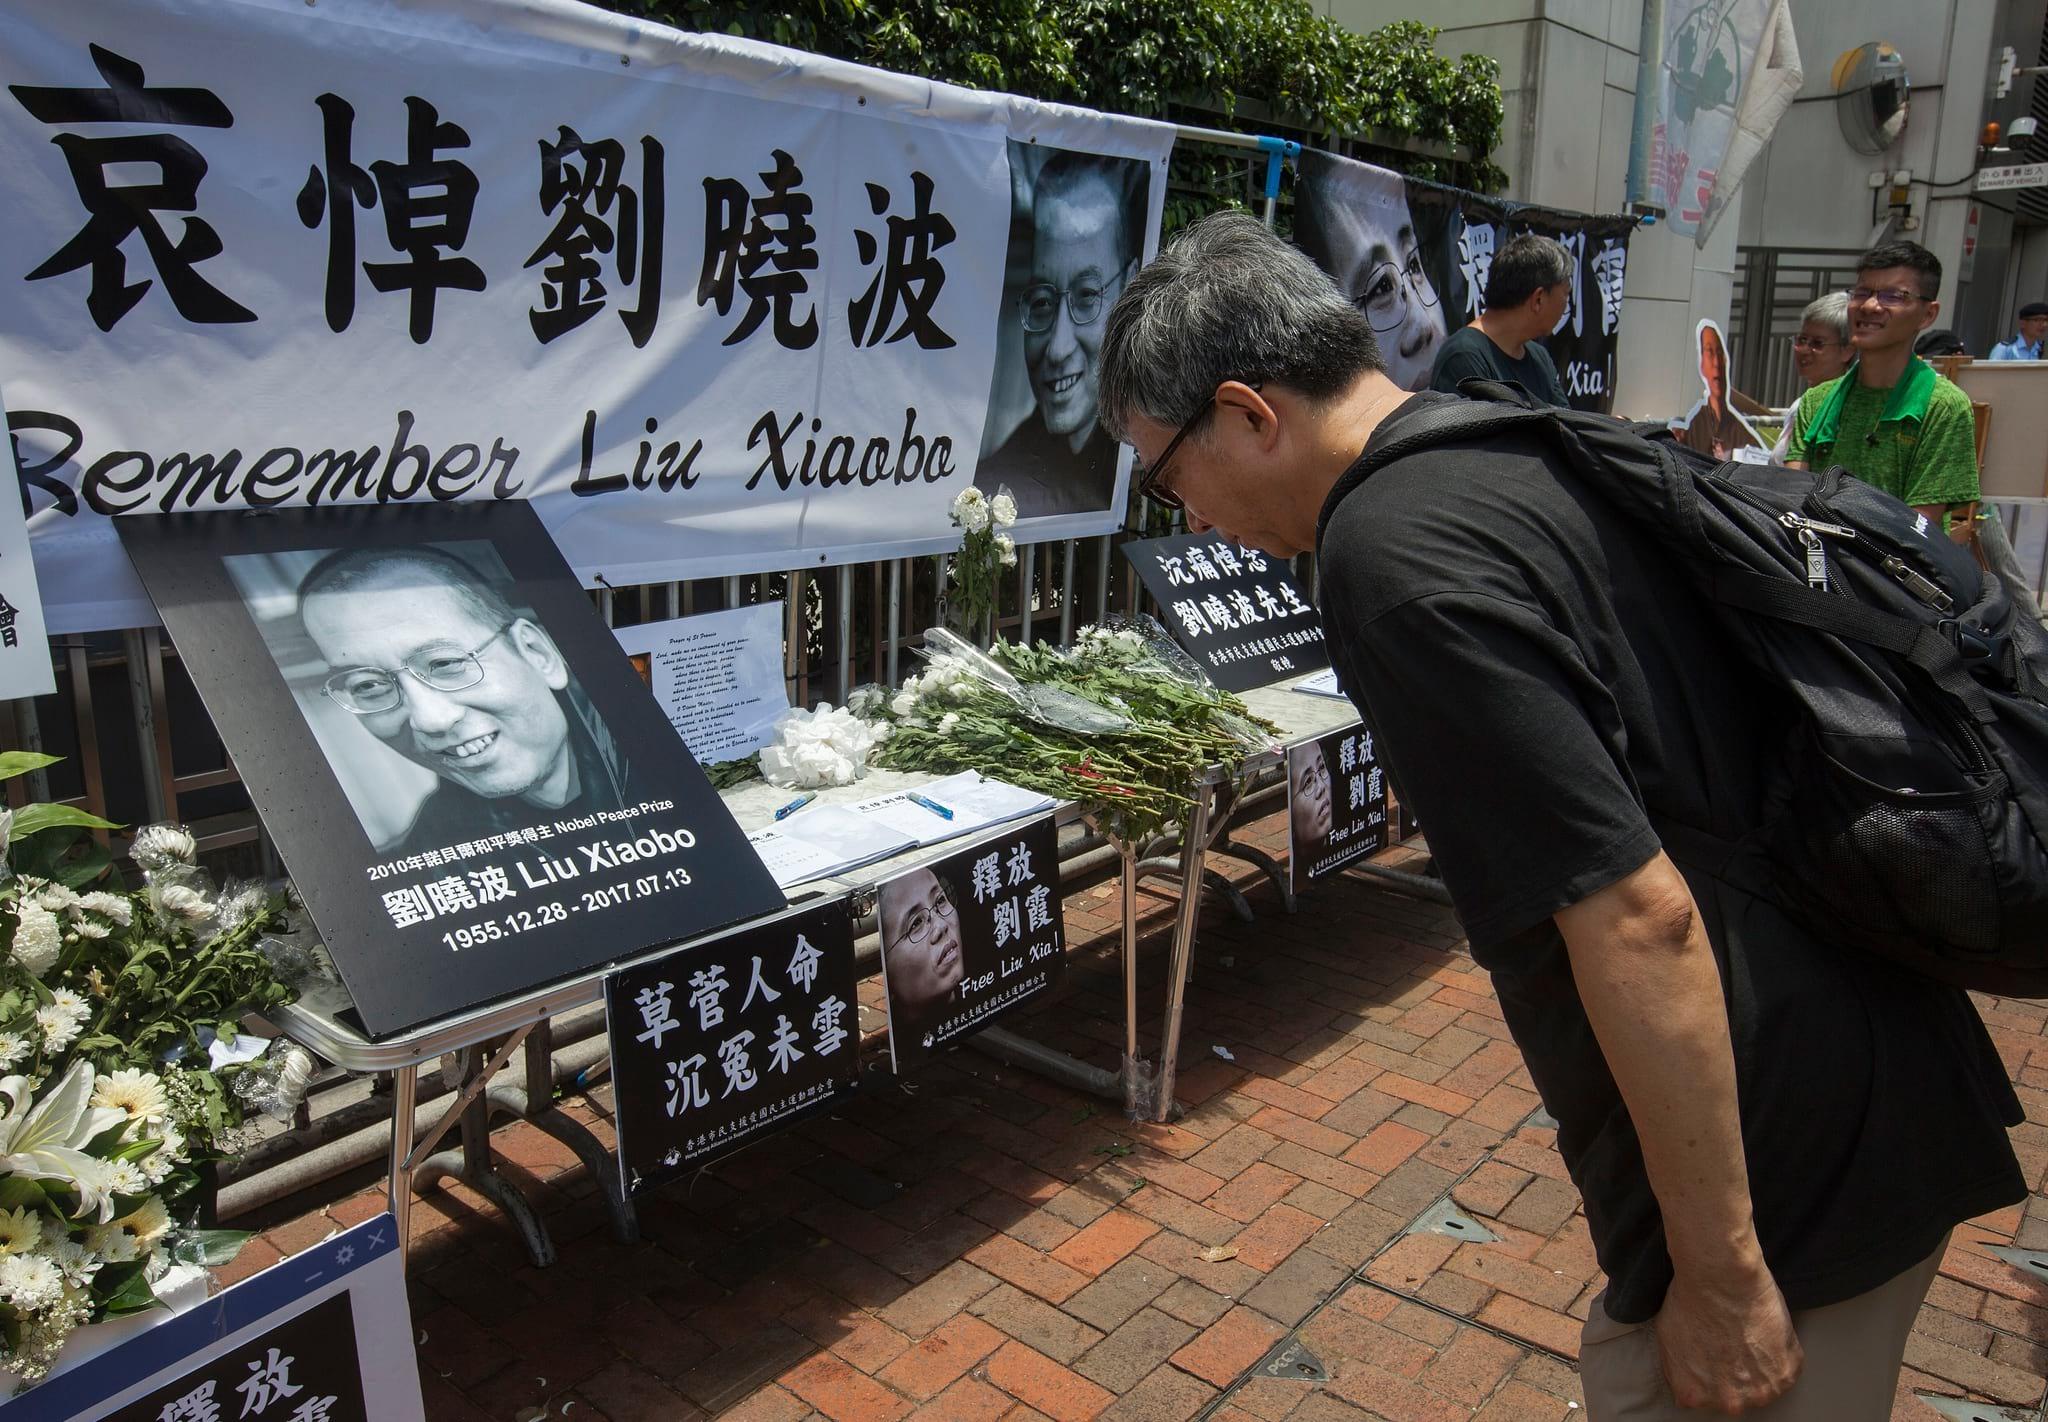 Memorial a Liu Xiaobo à frente da representação do Governo de Pequim em Hong Kong